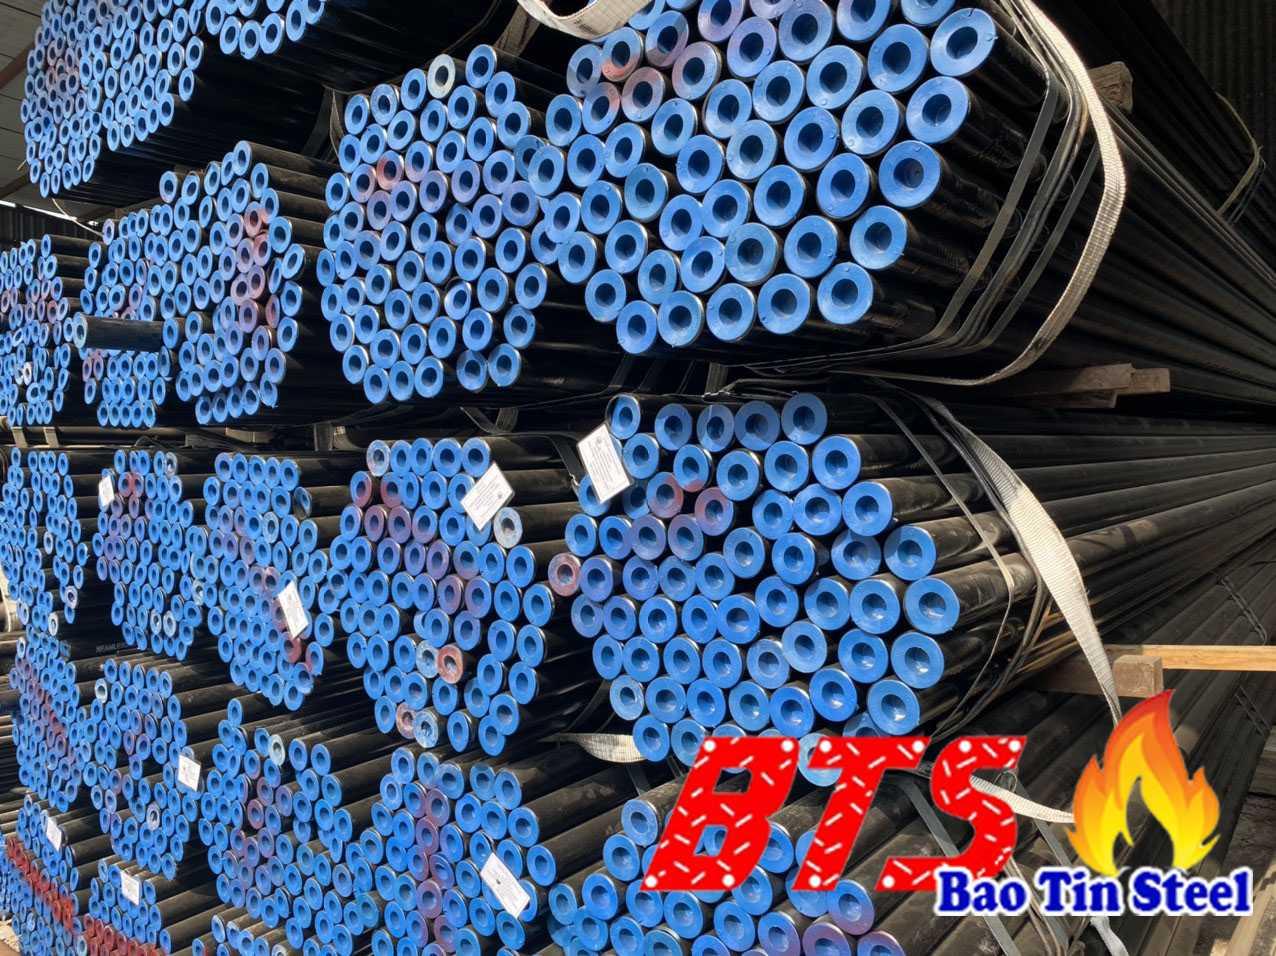 giá ống thép đúc nhập khẩu từ Trung Quốc